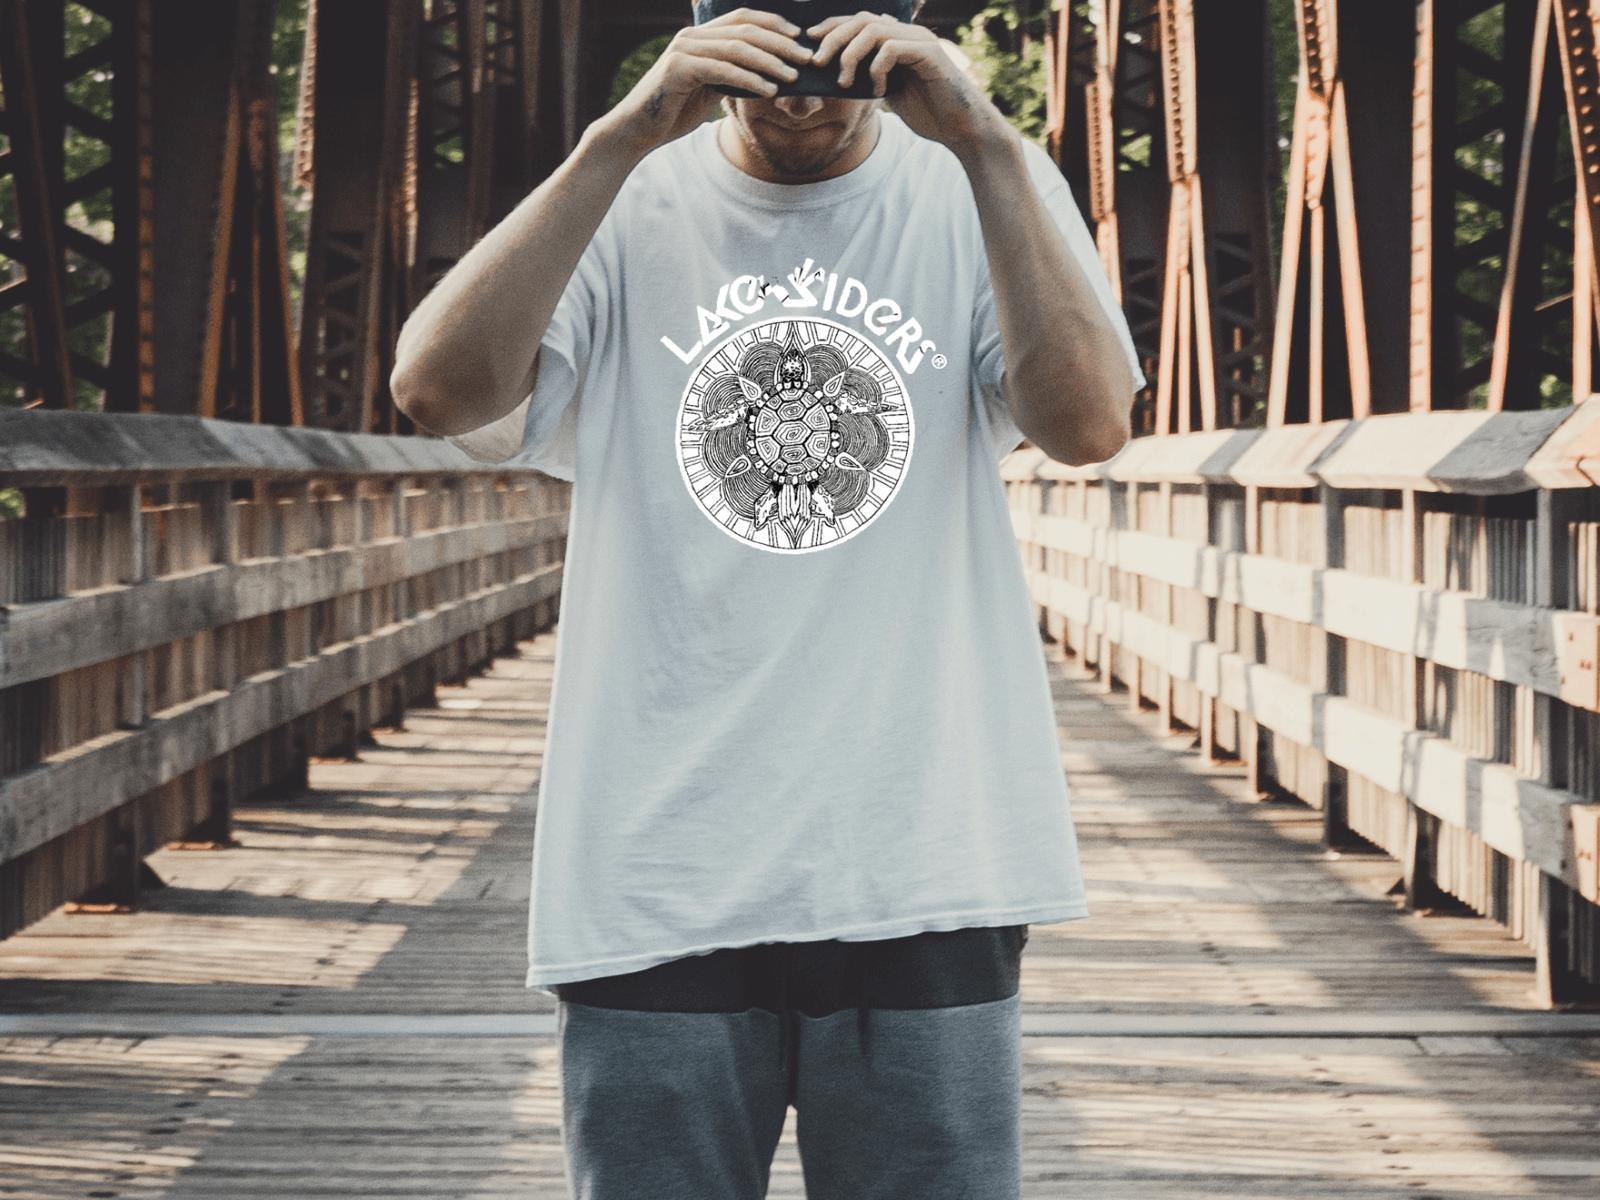 LAKE-SIDERS Shirts